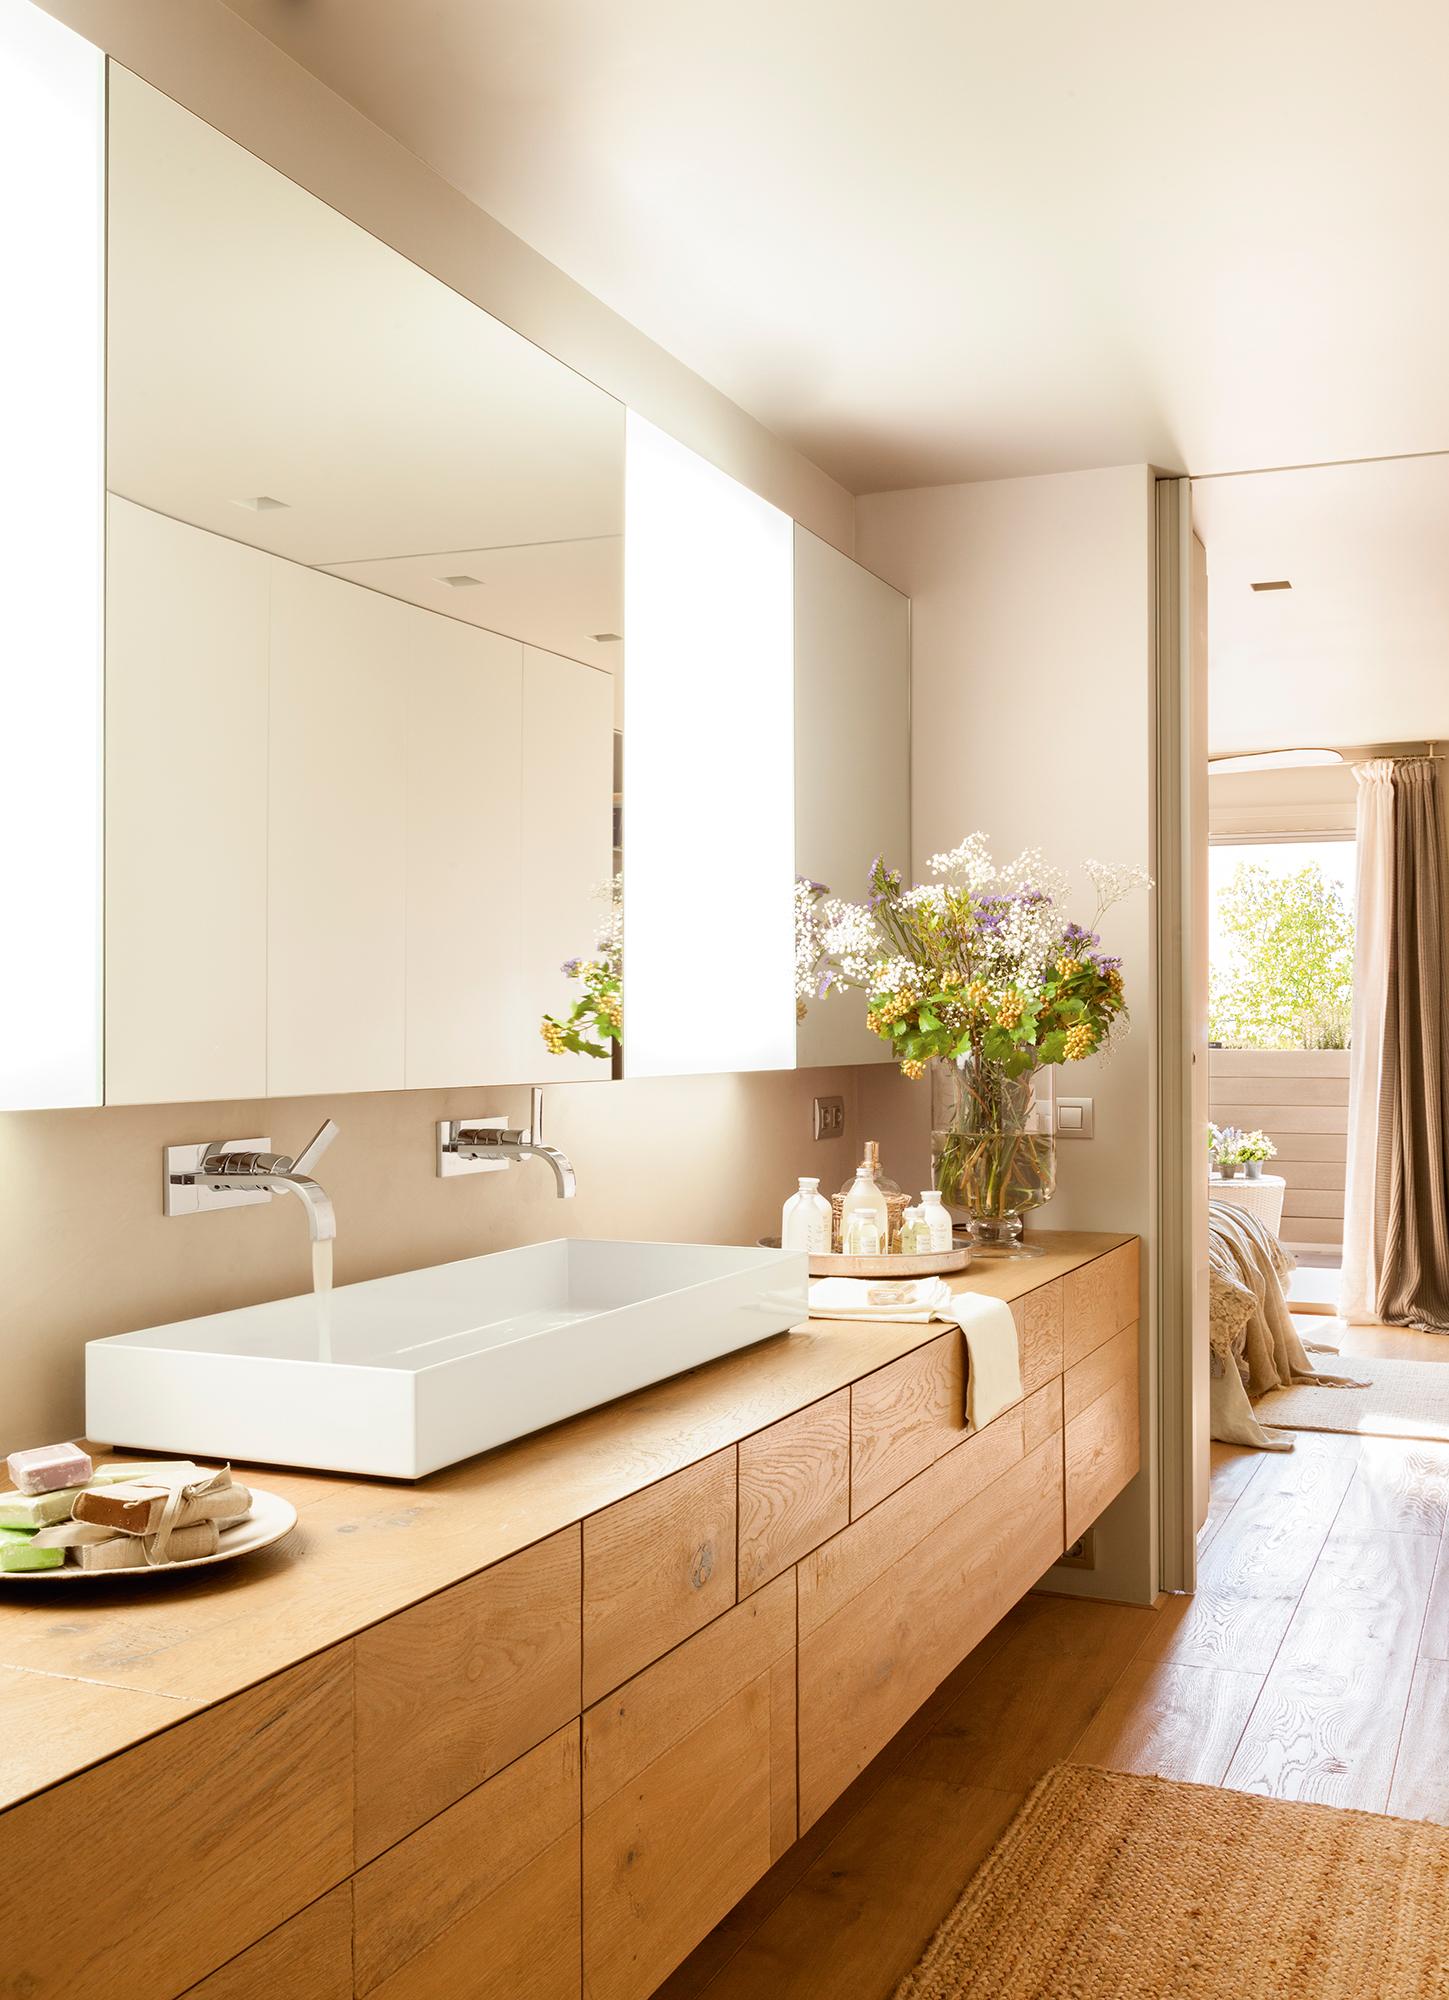 Sanitarios claves para elegir el lavamanos y el inodoro for Muebles sanitarios